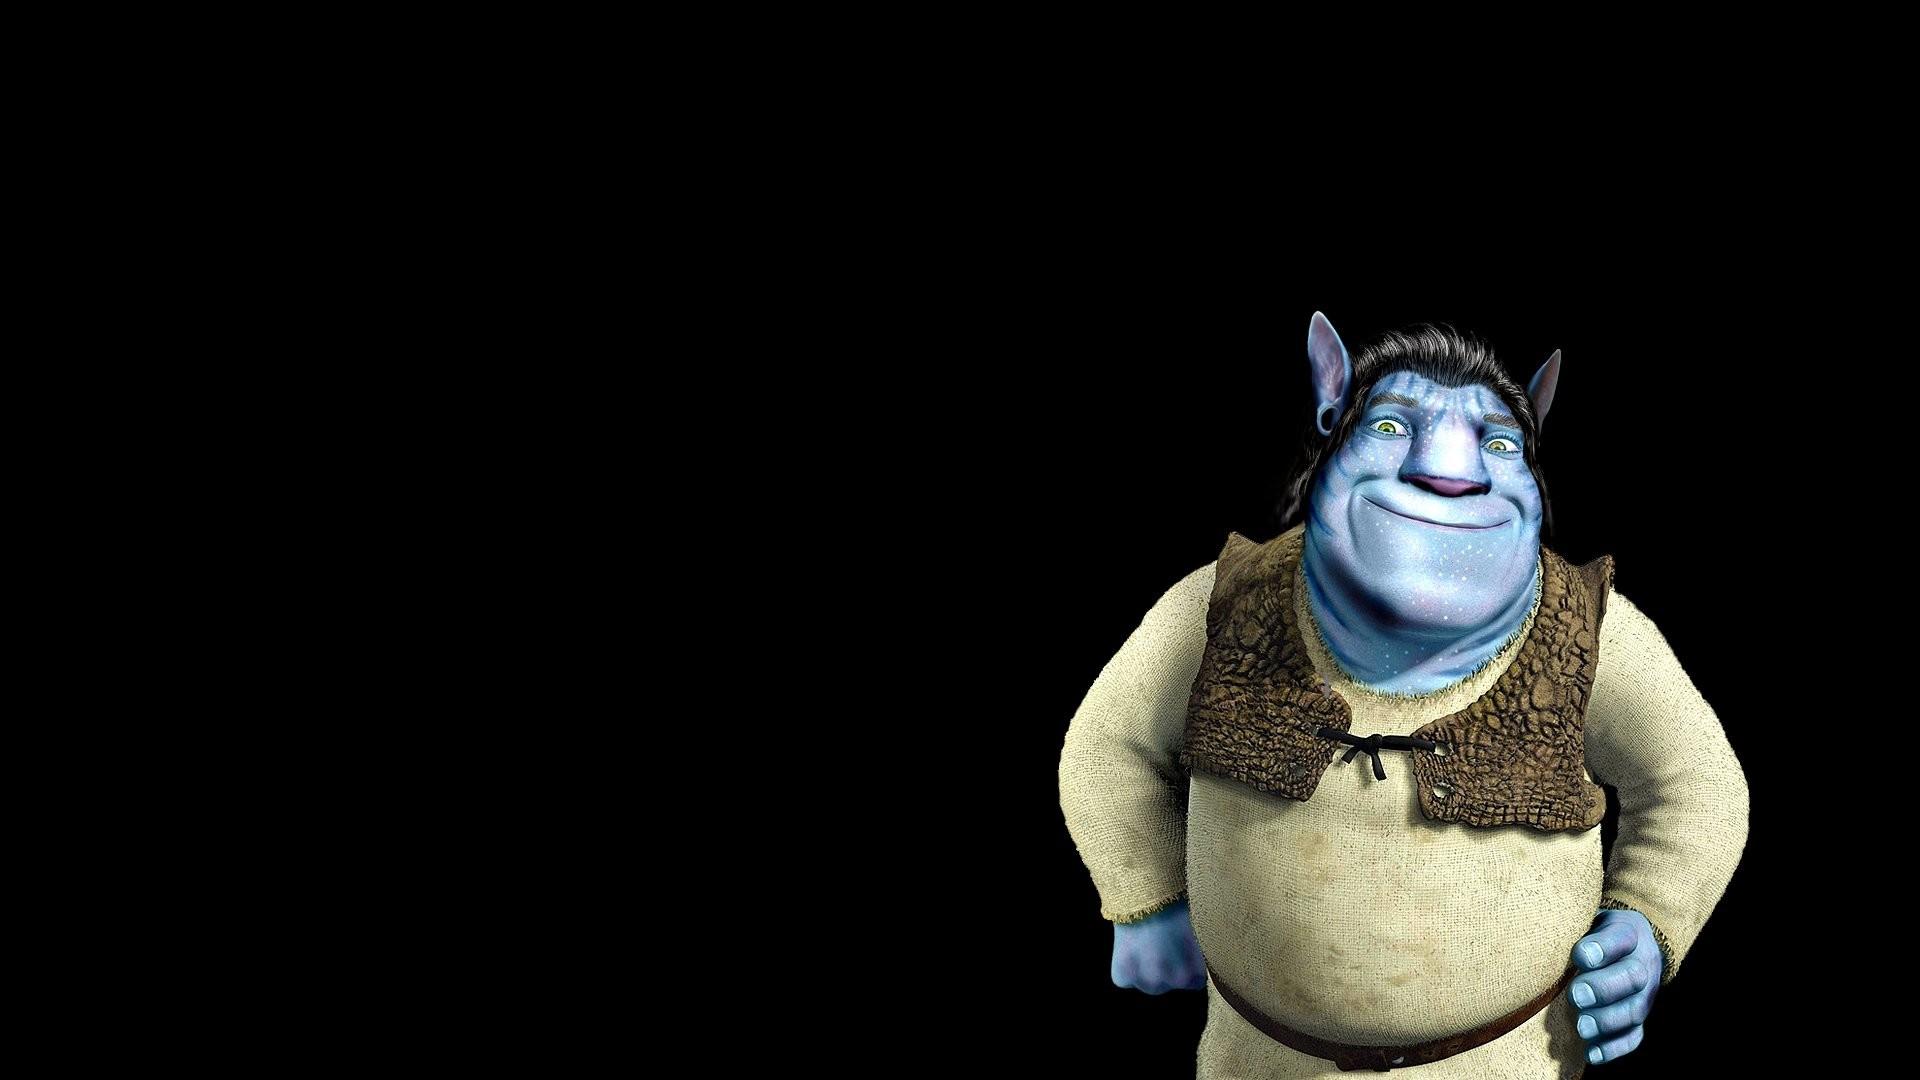 Shrek 2 Wallpaper (73+ images)